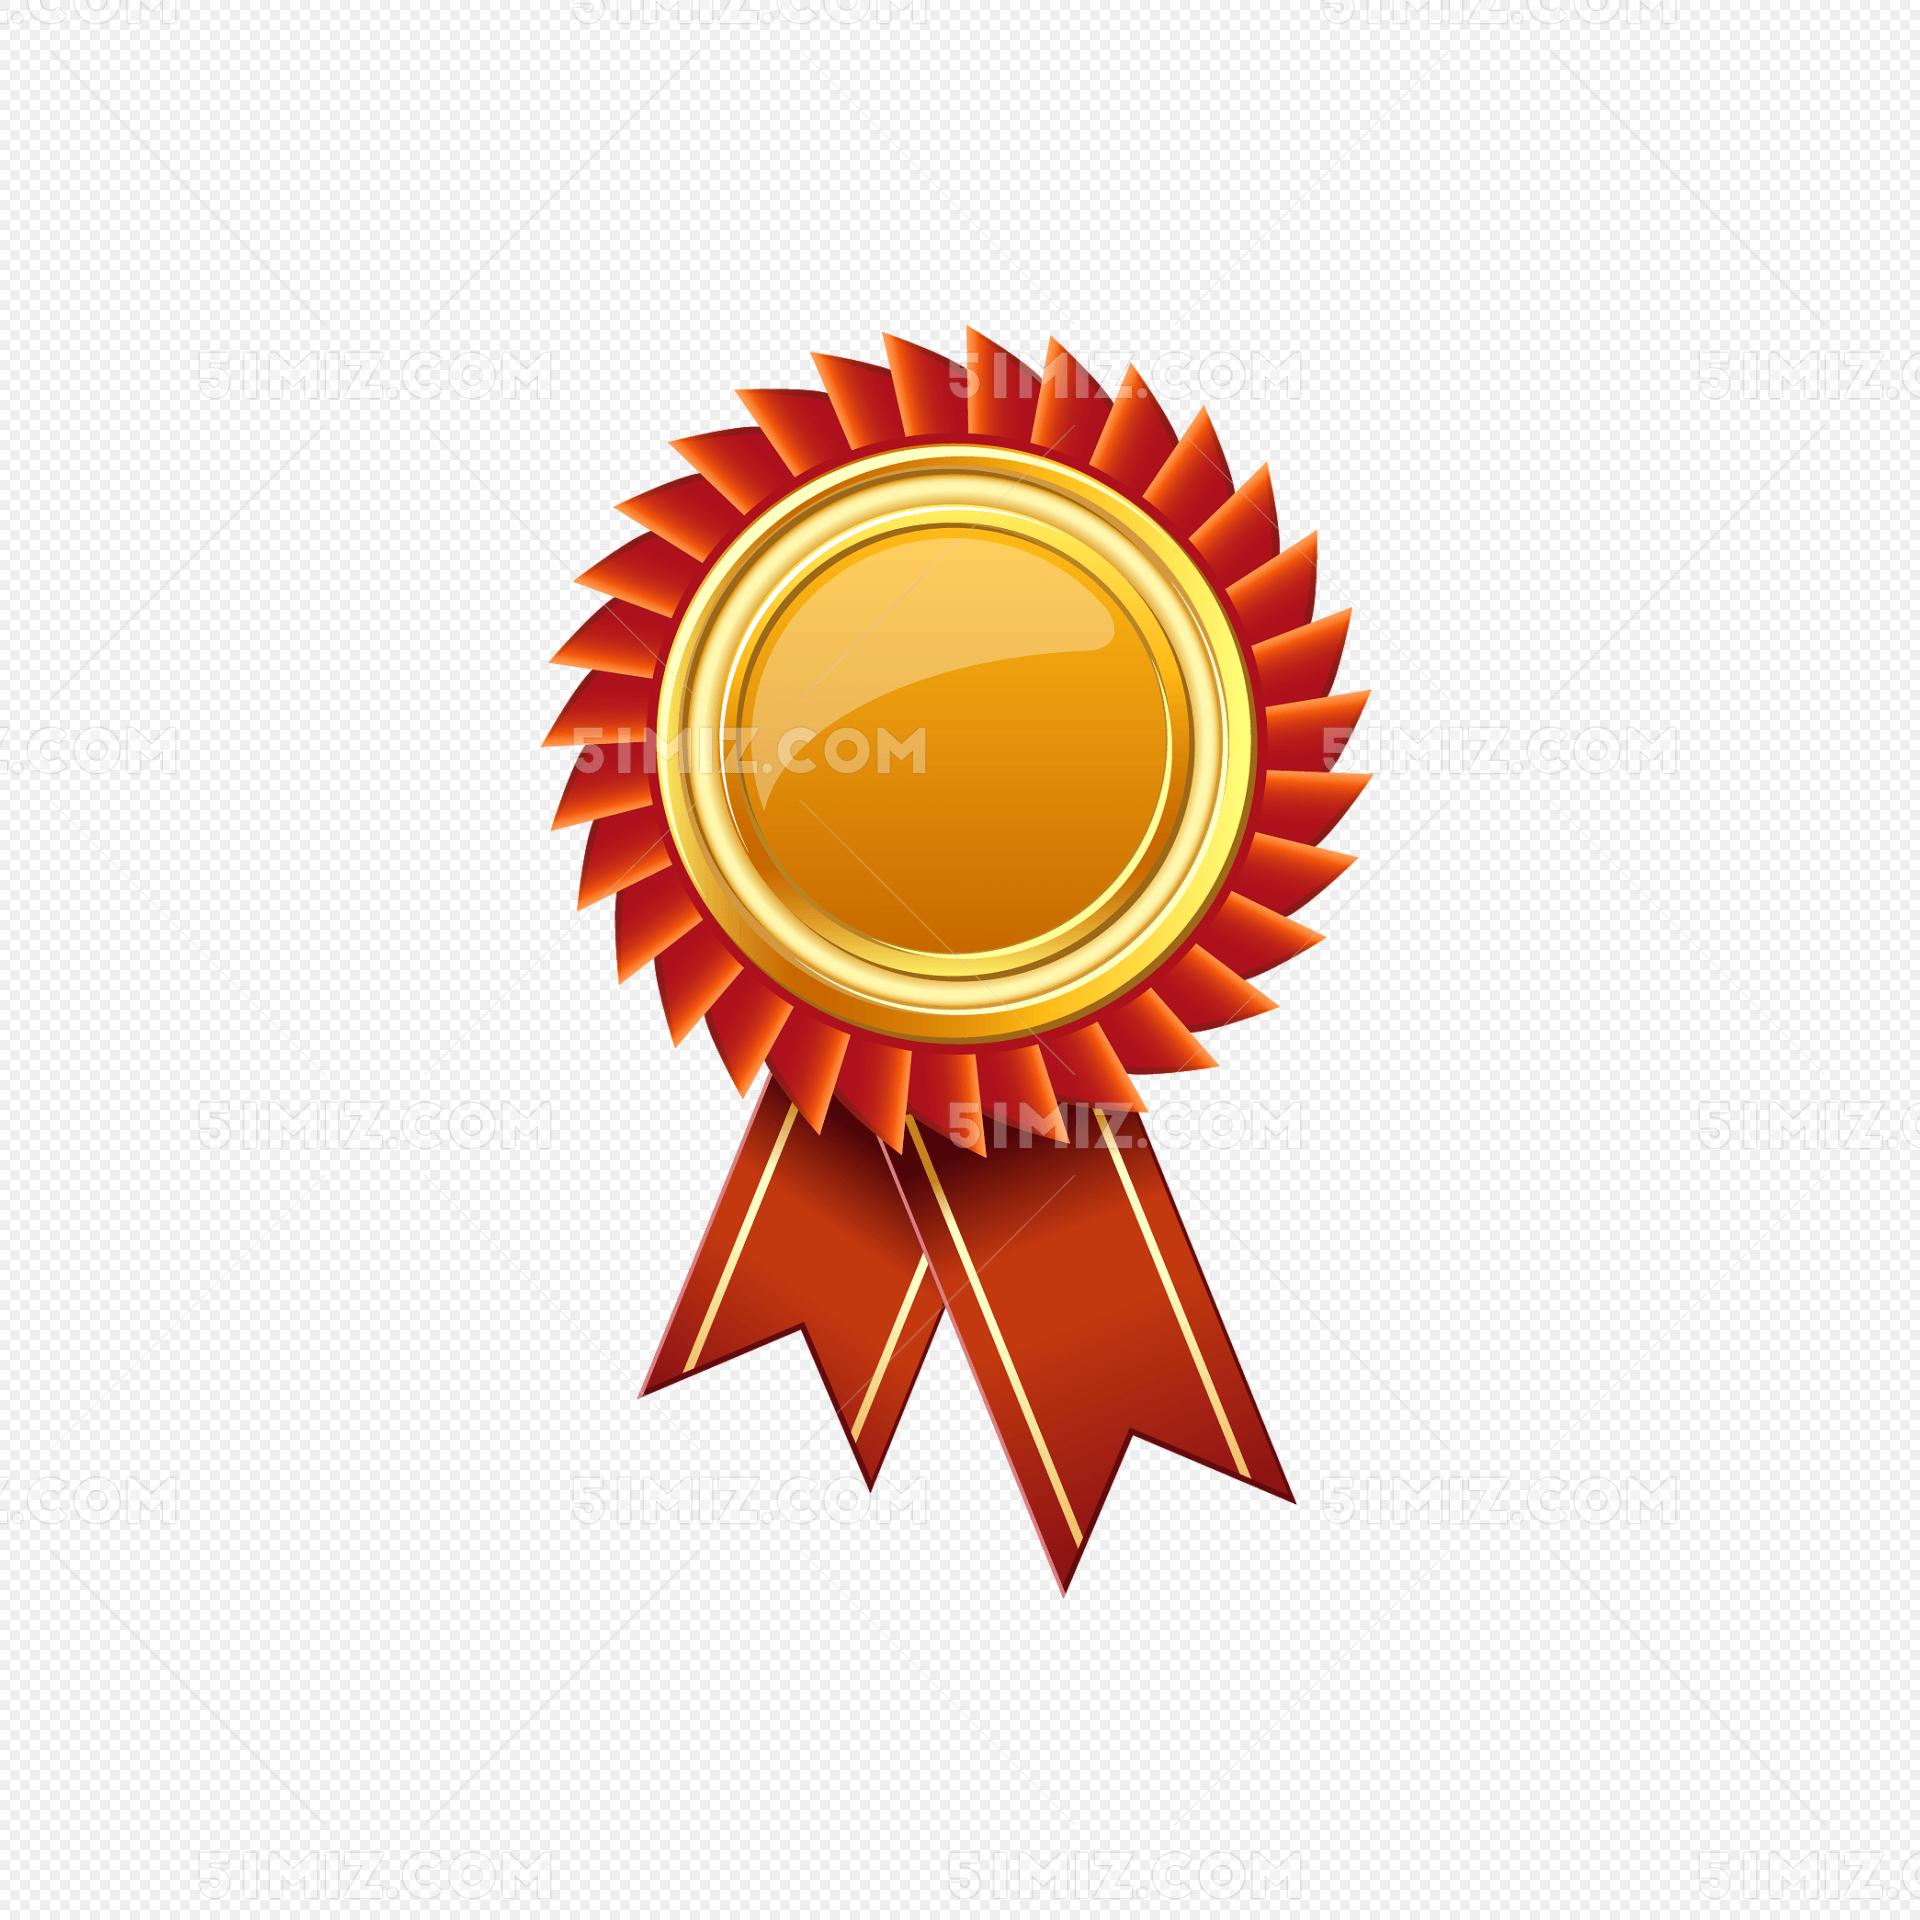 警察奖章矢量图